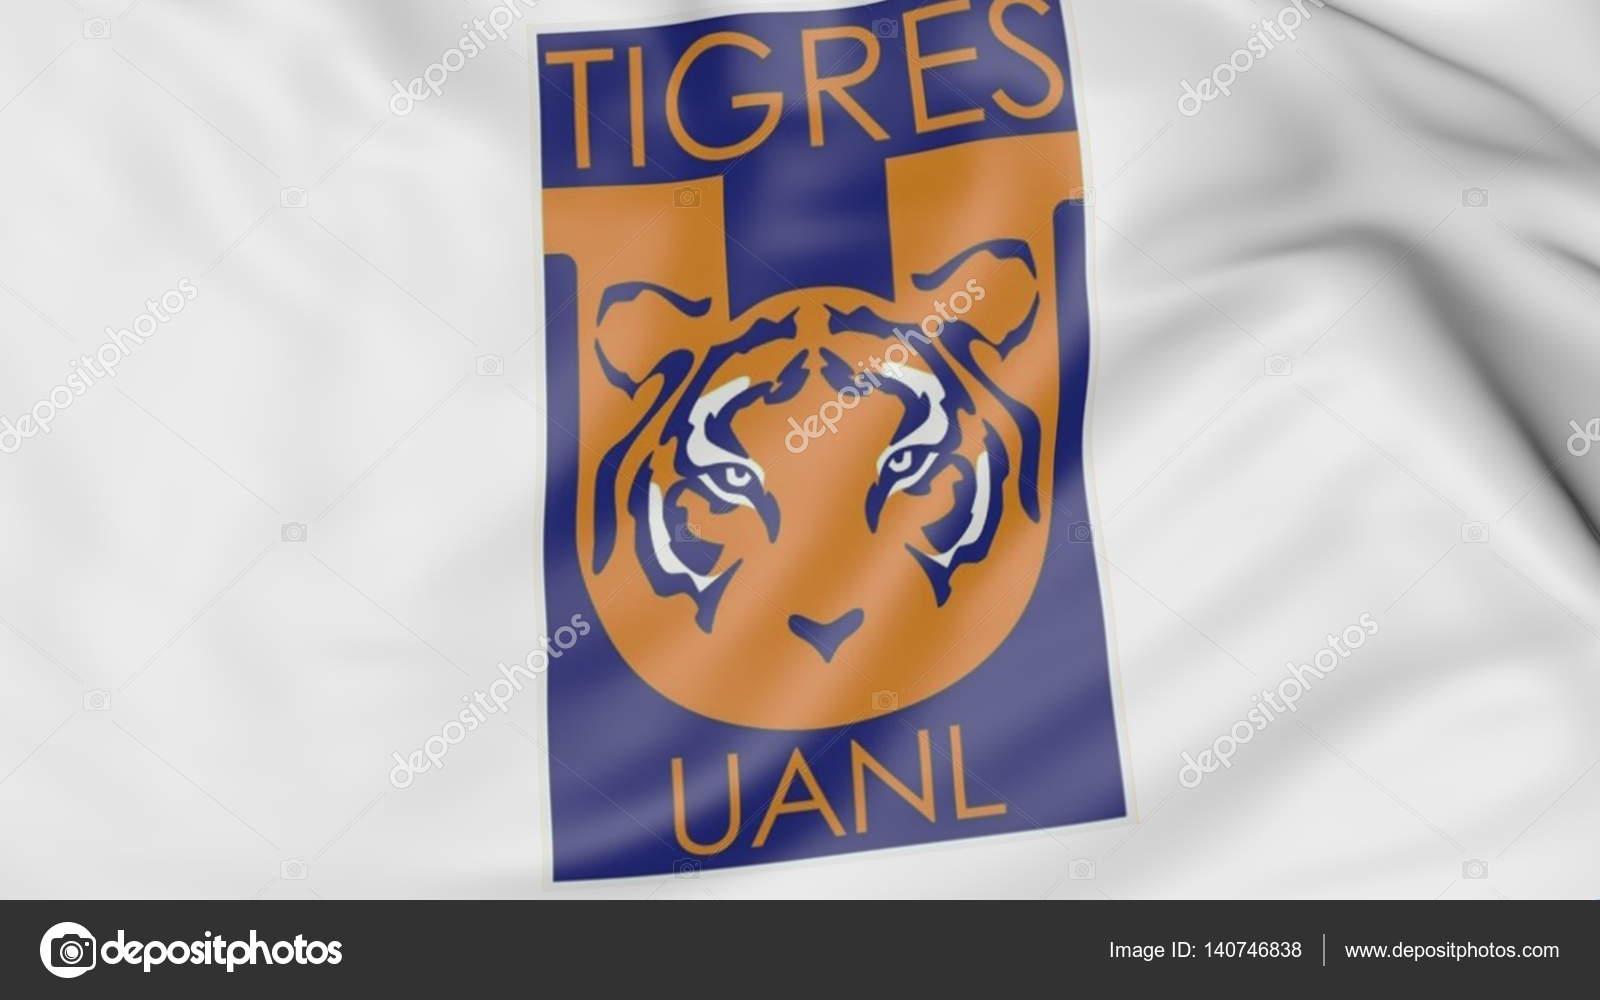 Primer Plano De La Bandera Con El Logo De Club De Fútbol Tigres Uanl